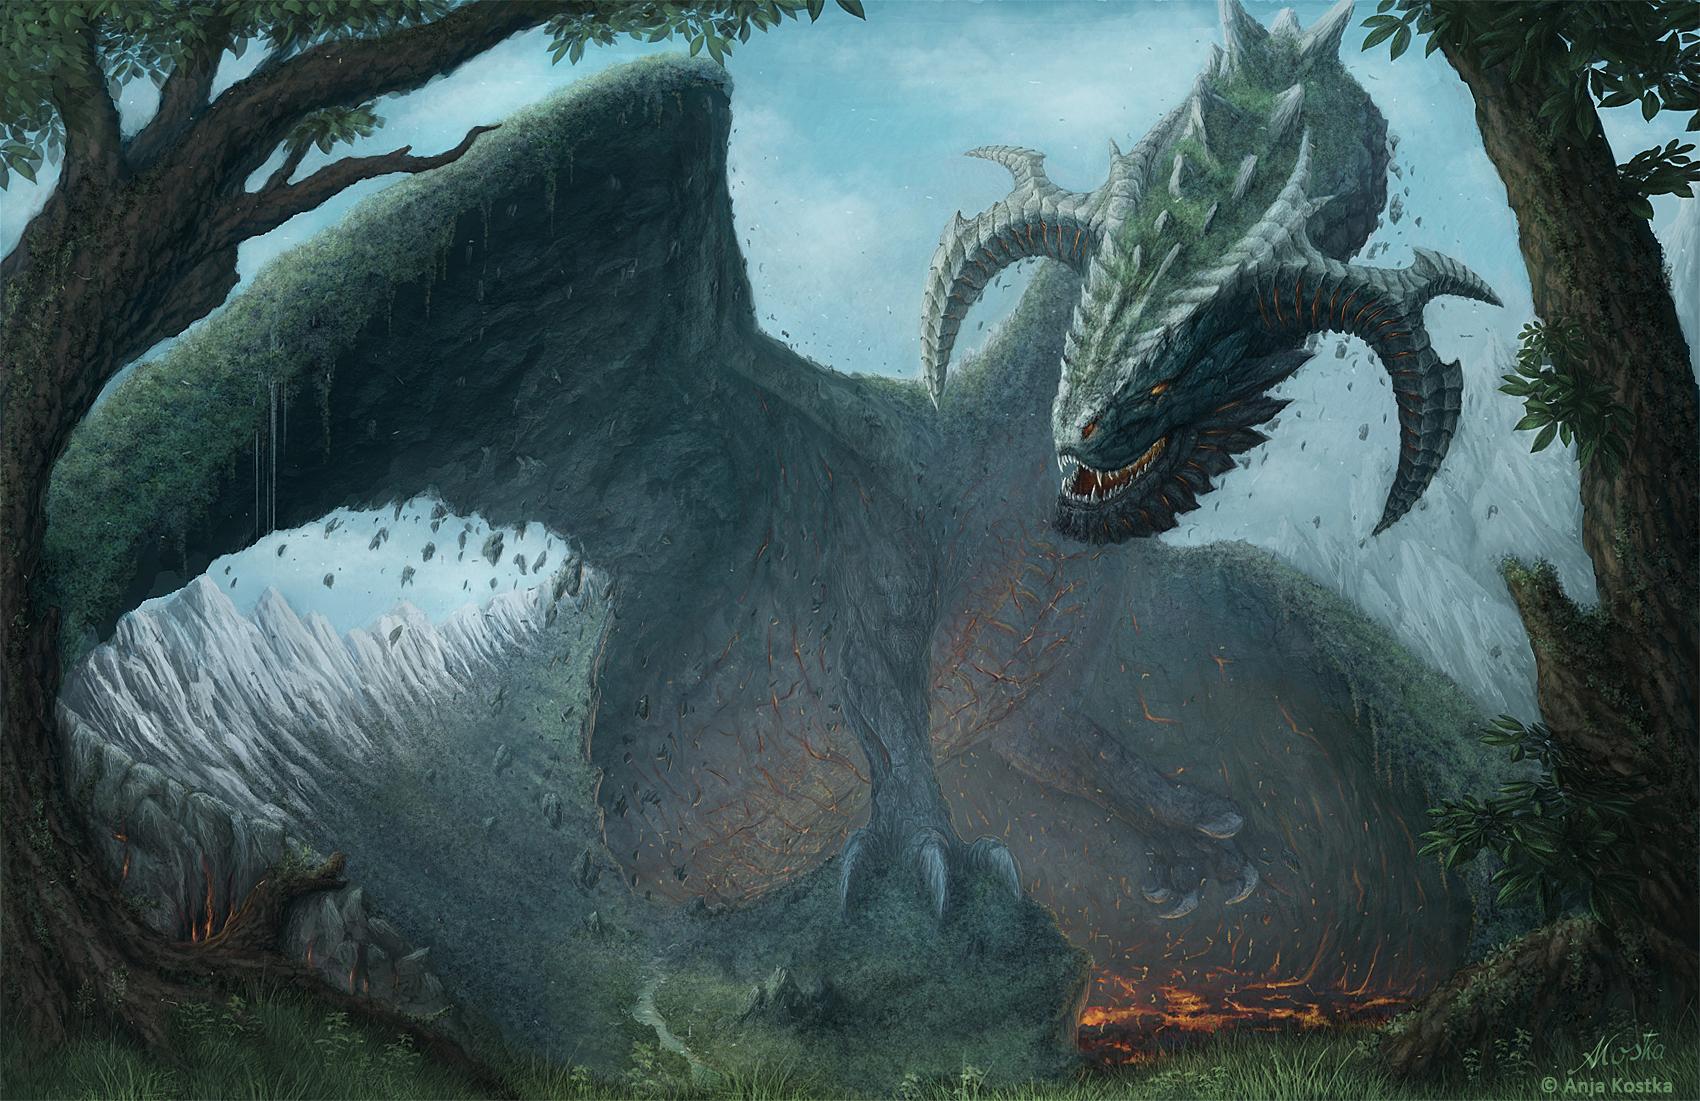 Earth Gigant - Mountains Dragon by ArkaEdri